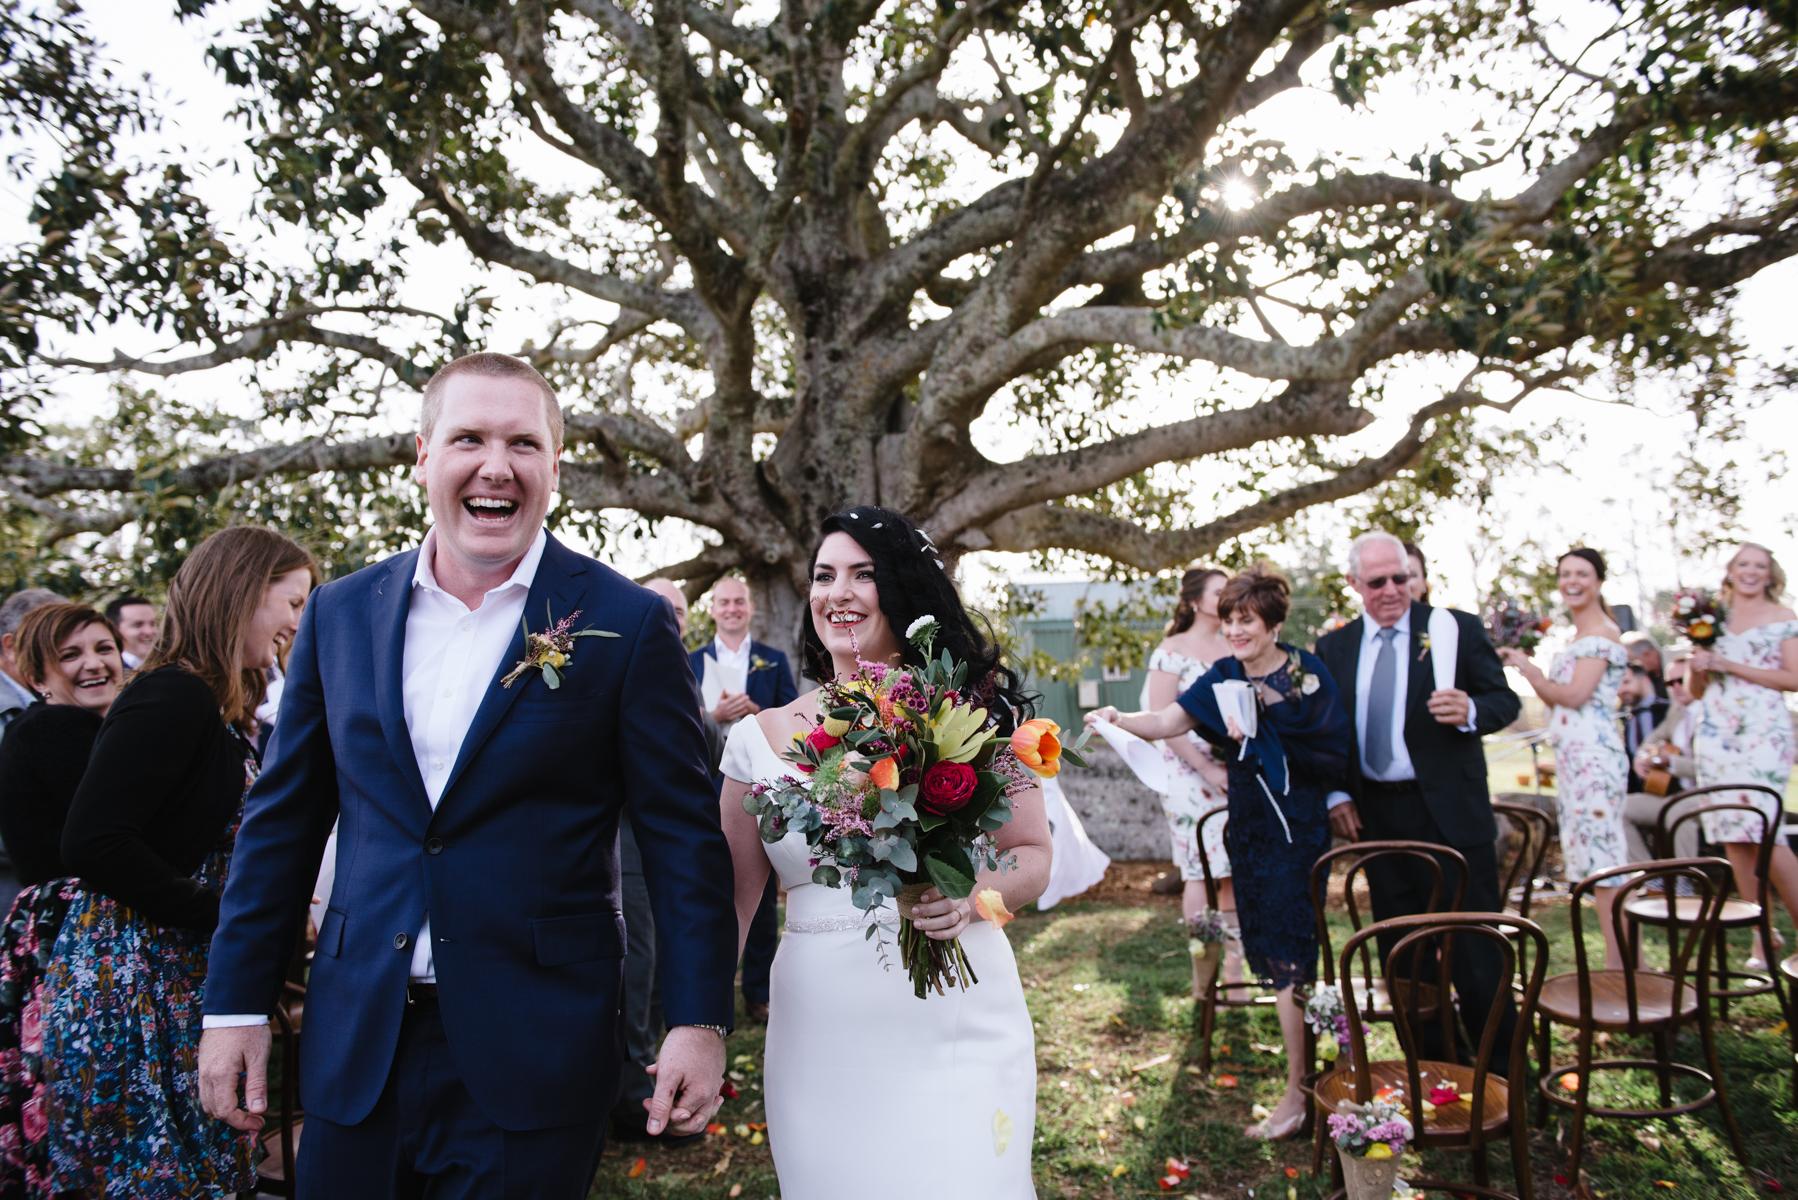 sarahandBenwedding- skyla sage photography weddings, families, byron bay,tweed coast,kingscliff,cabarita,gold coast-501.jpg